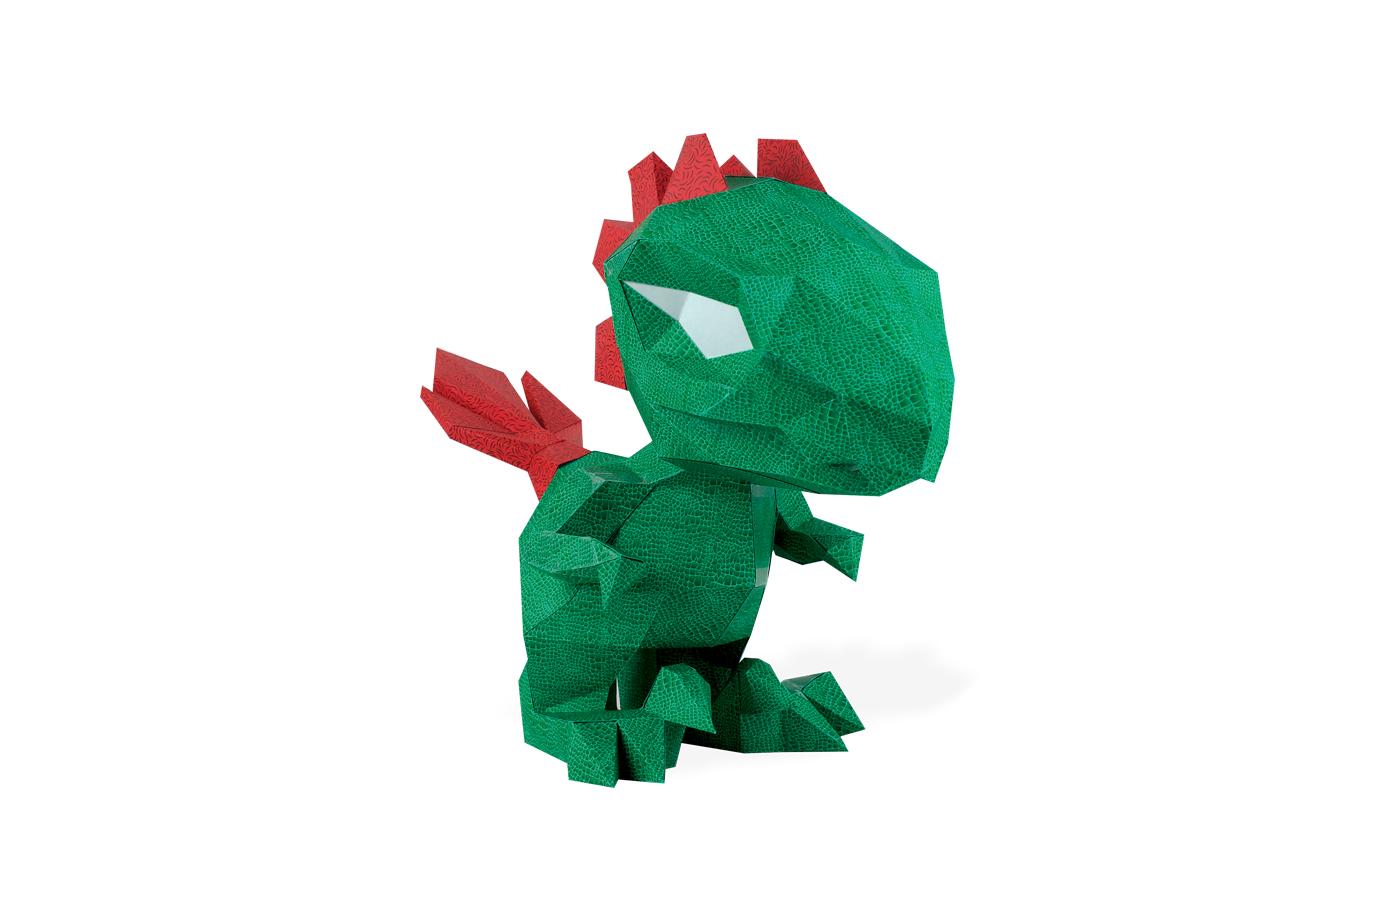 Petit dino en papier 3D 7 3701310203002